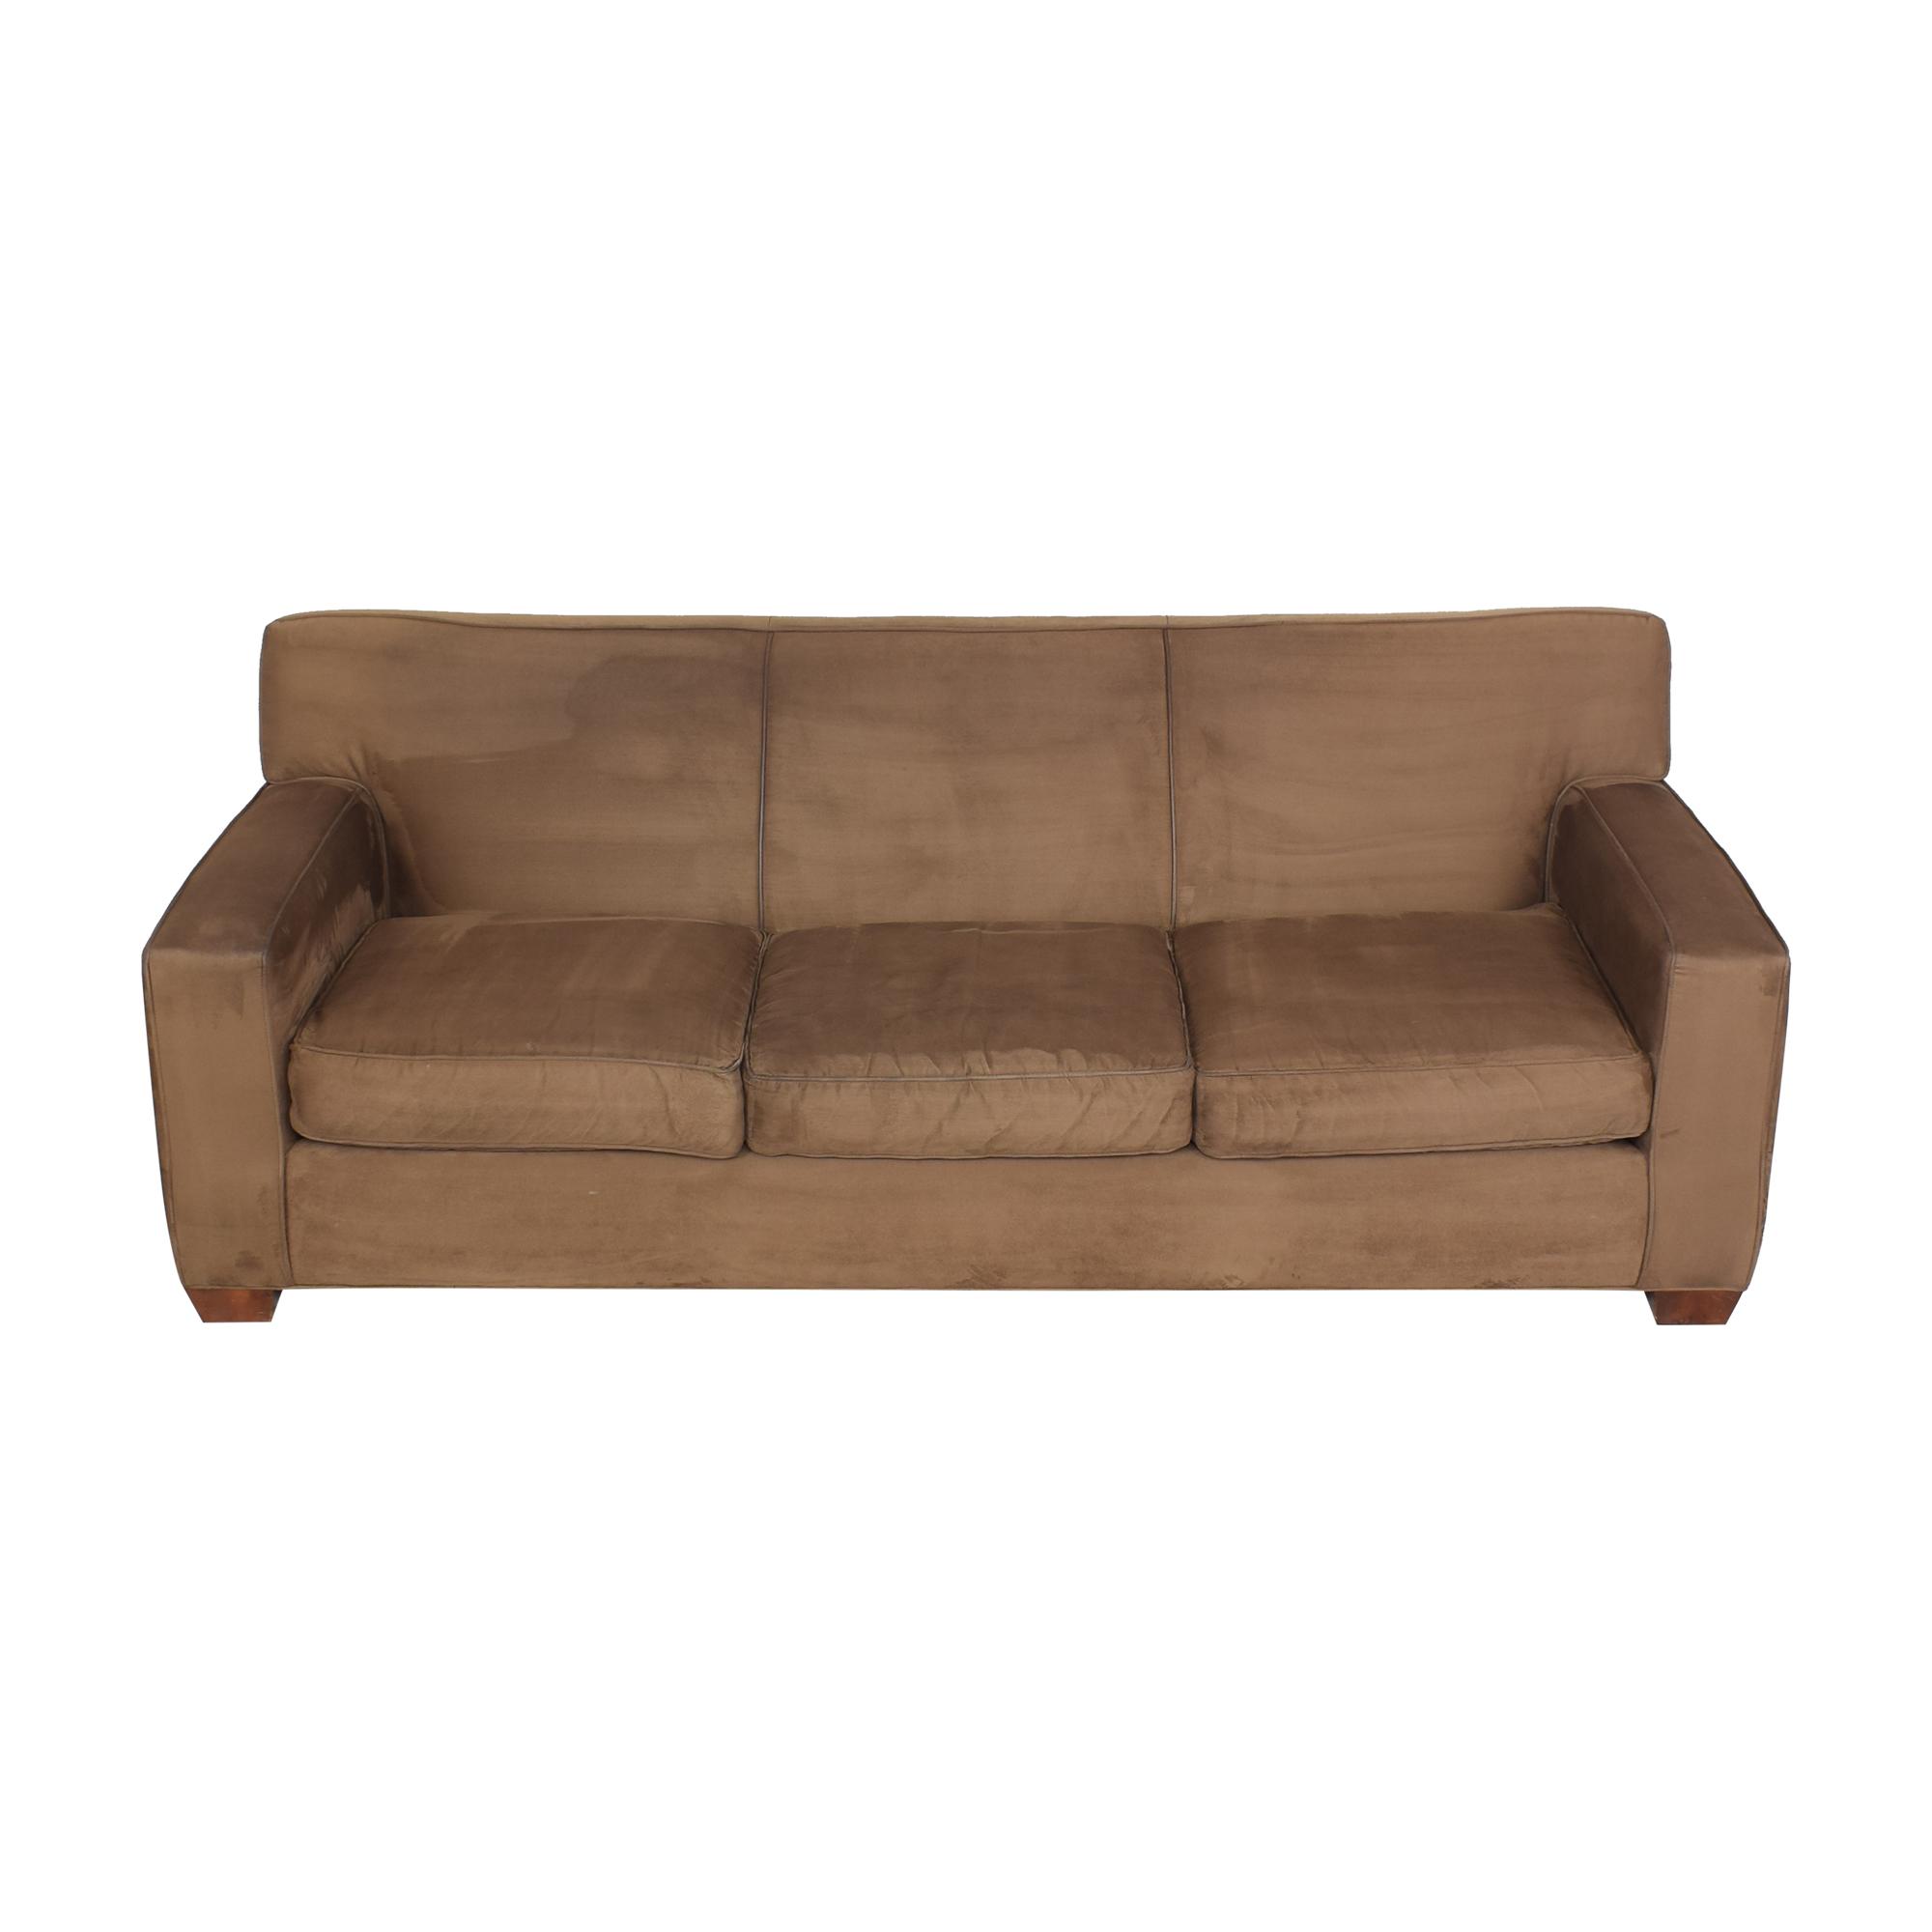 Crate & Barrel Crate & Barrel Three Cushion Sofa coupon